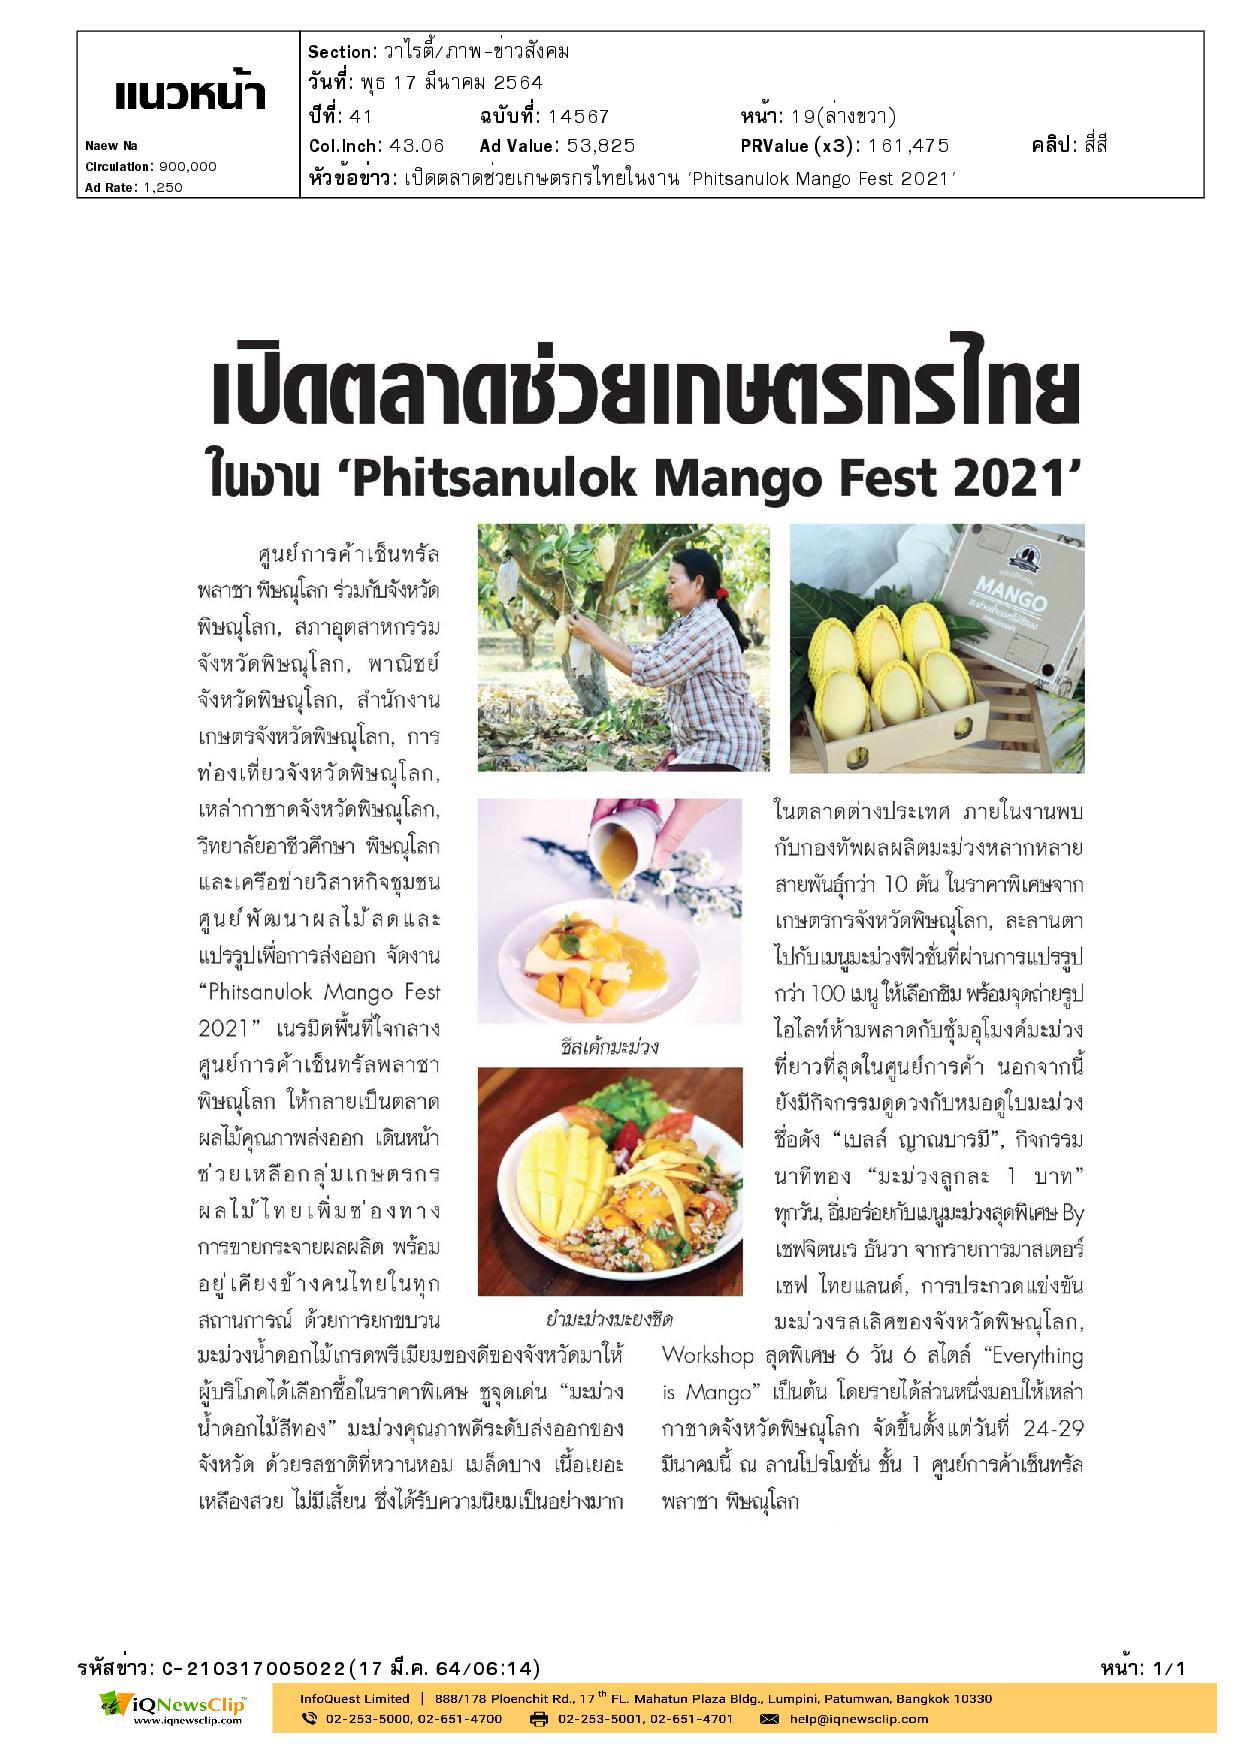 เหล่ากาชาด จ.พิษณุโลก ร่วมเปิดตลาดช่วยเกษตรไทย